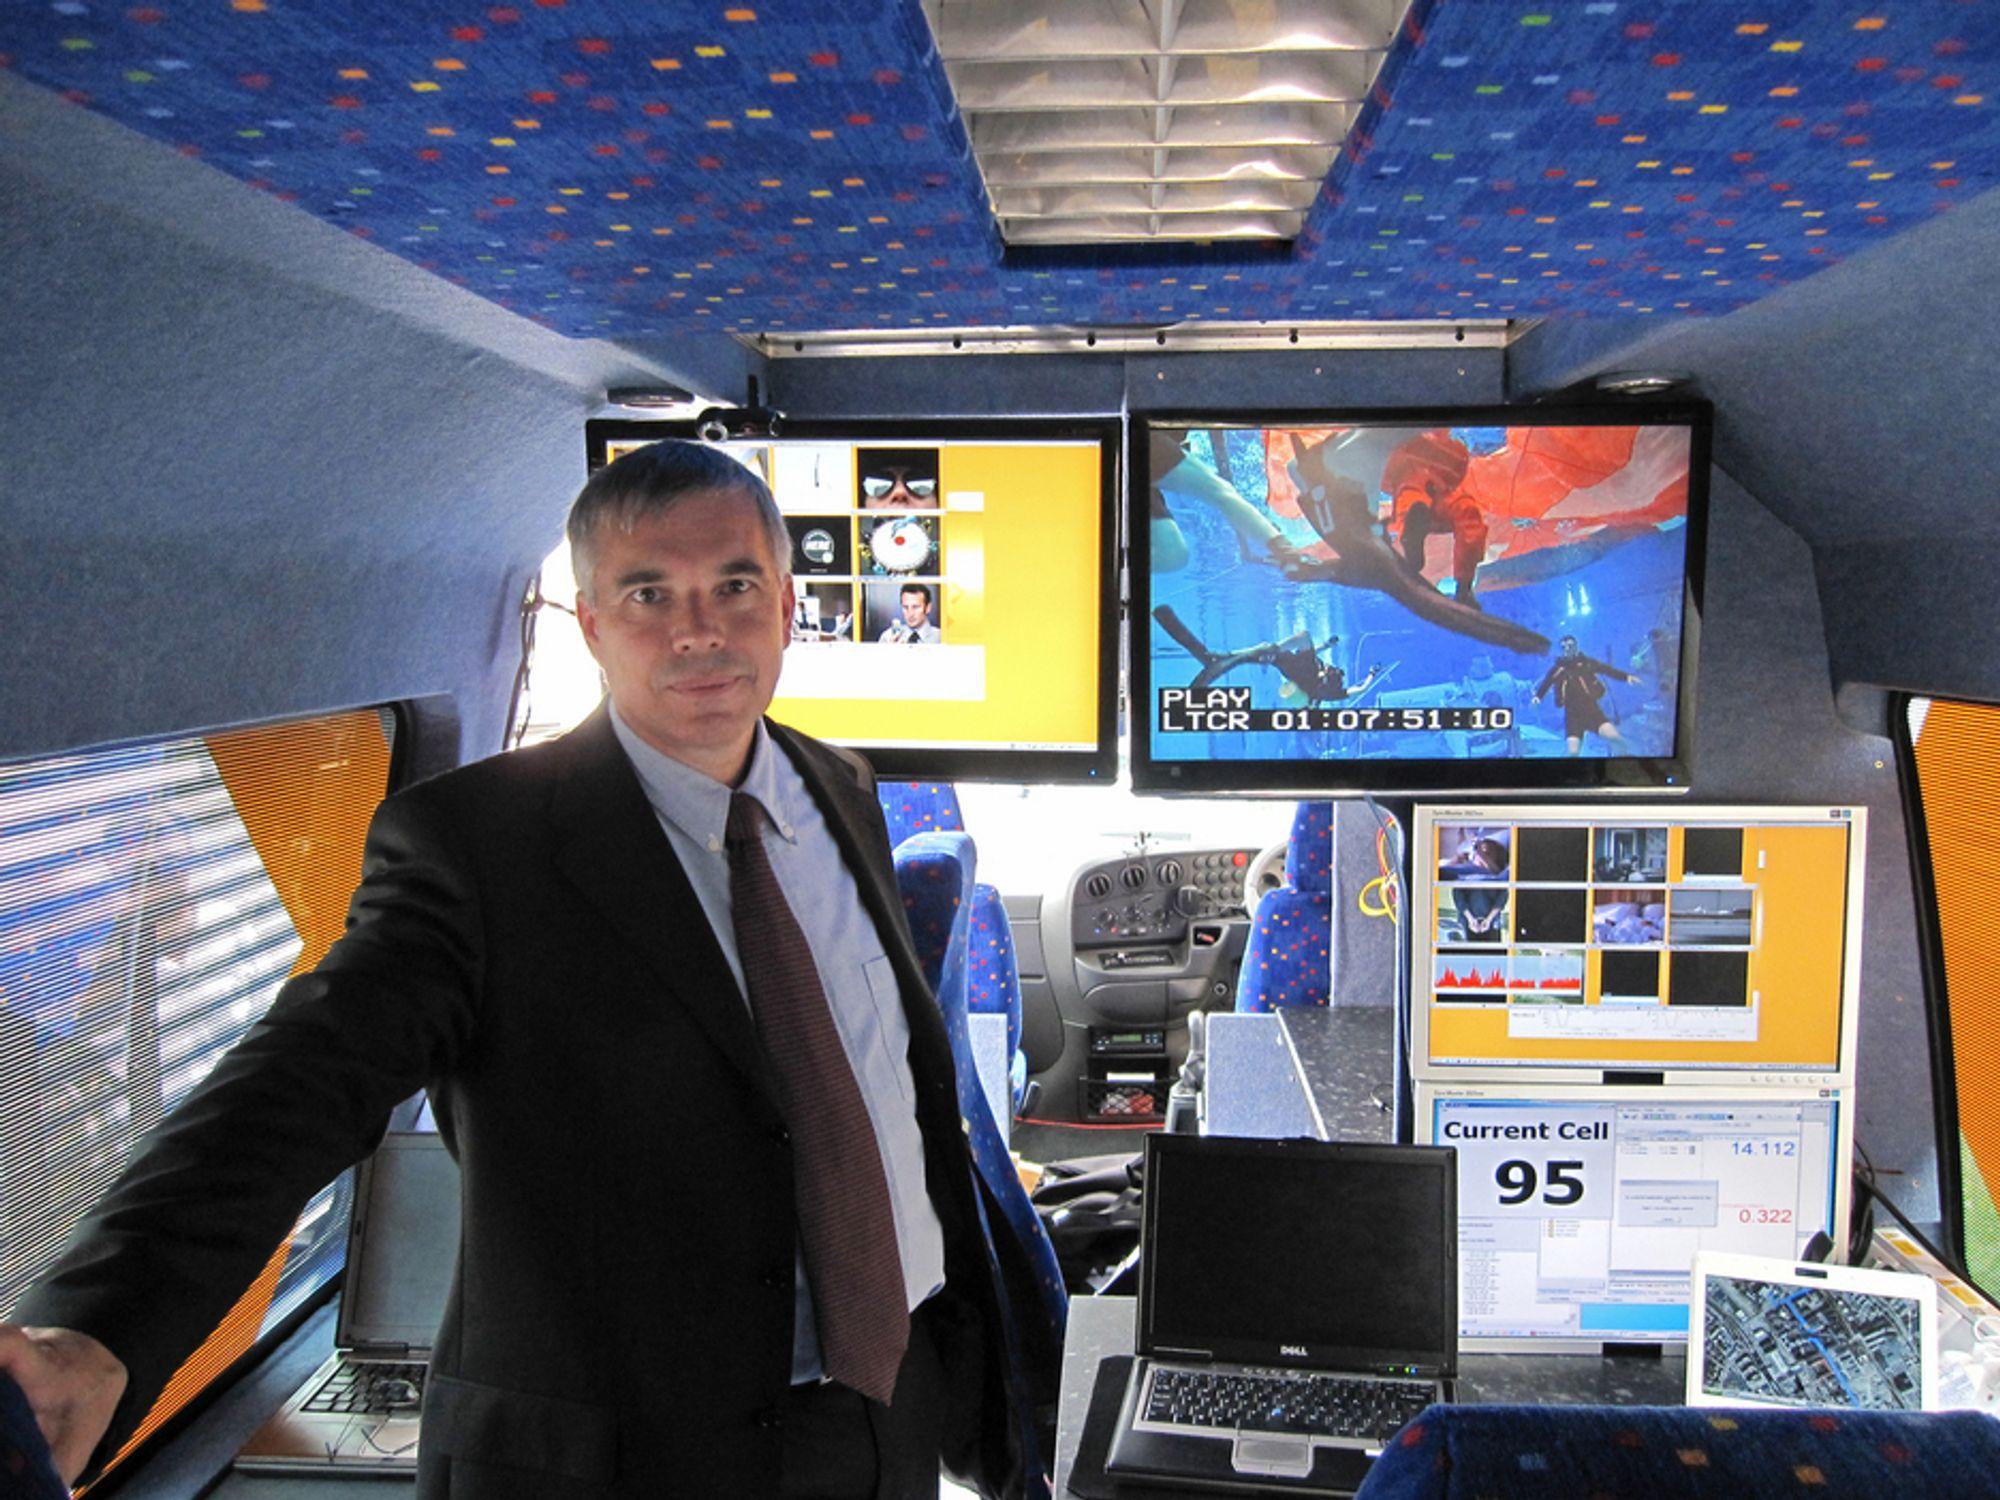 BARE I BUSSEN:LTE er ennå på demonstrasjonsnivå, men fremtidens busspassasjer trenger ikke bekymre seg for bitraten mener Motorolas Tim Weston.